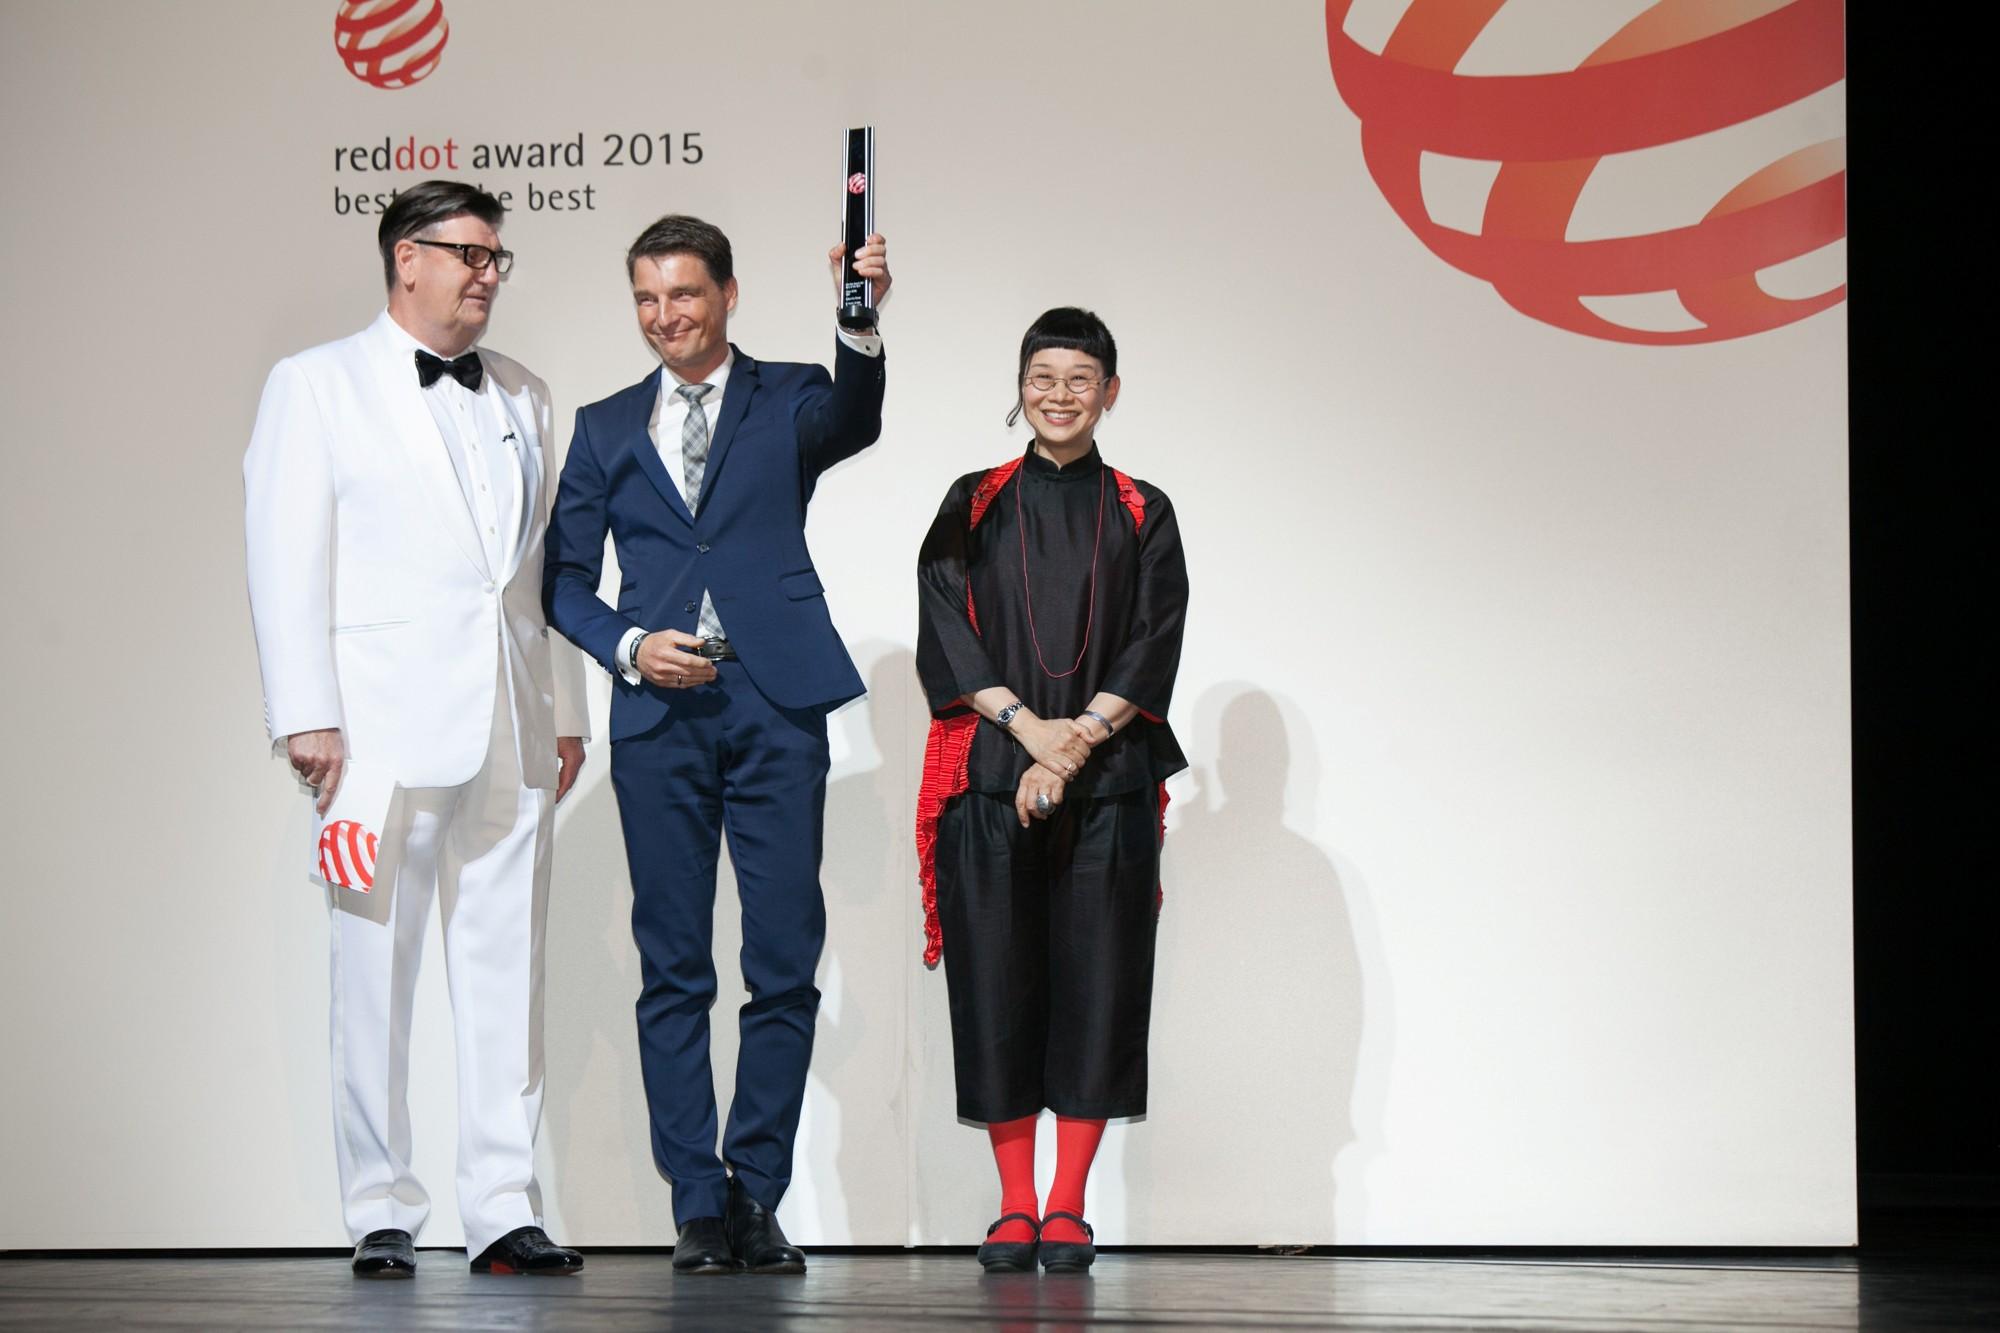 165606_Volvo_XC90_mit_Red_Dot_Best_of_the_Best_Award_ausgezeichnet.jpg